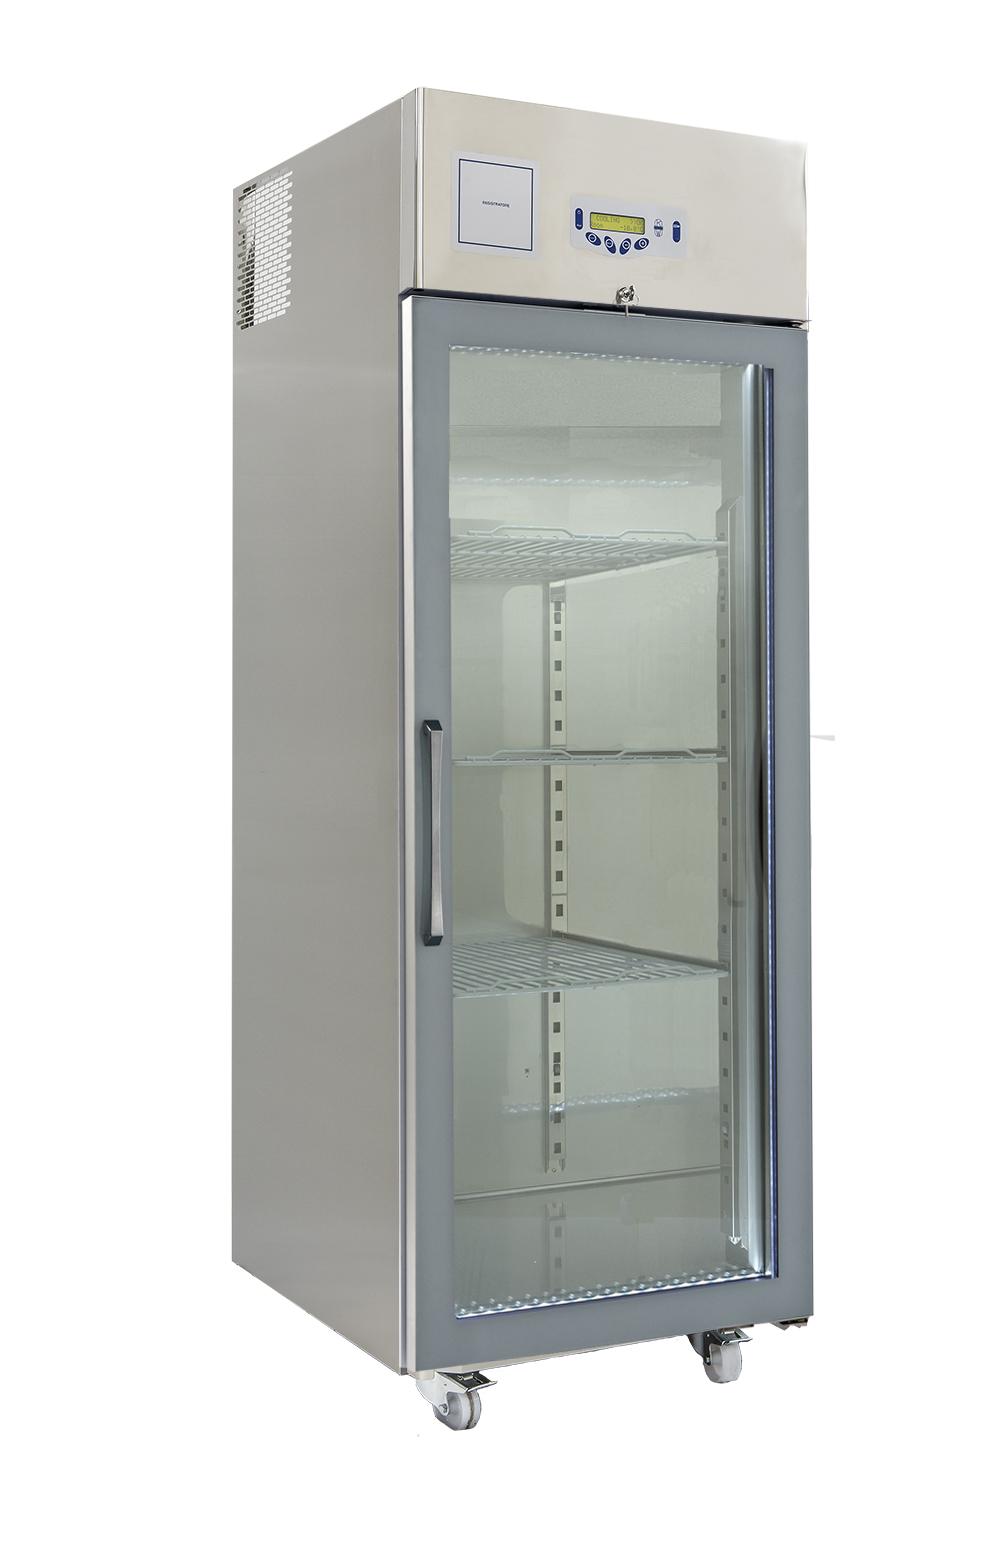 ESLABKF700CX Freezer ESLABK